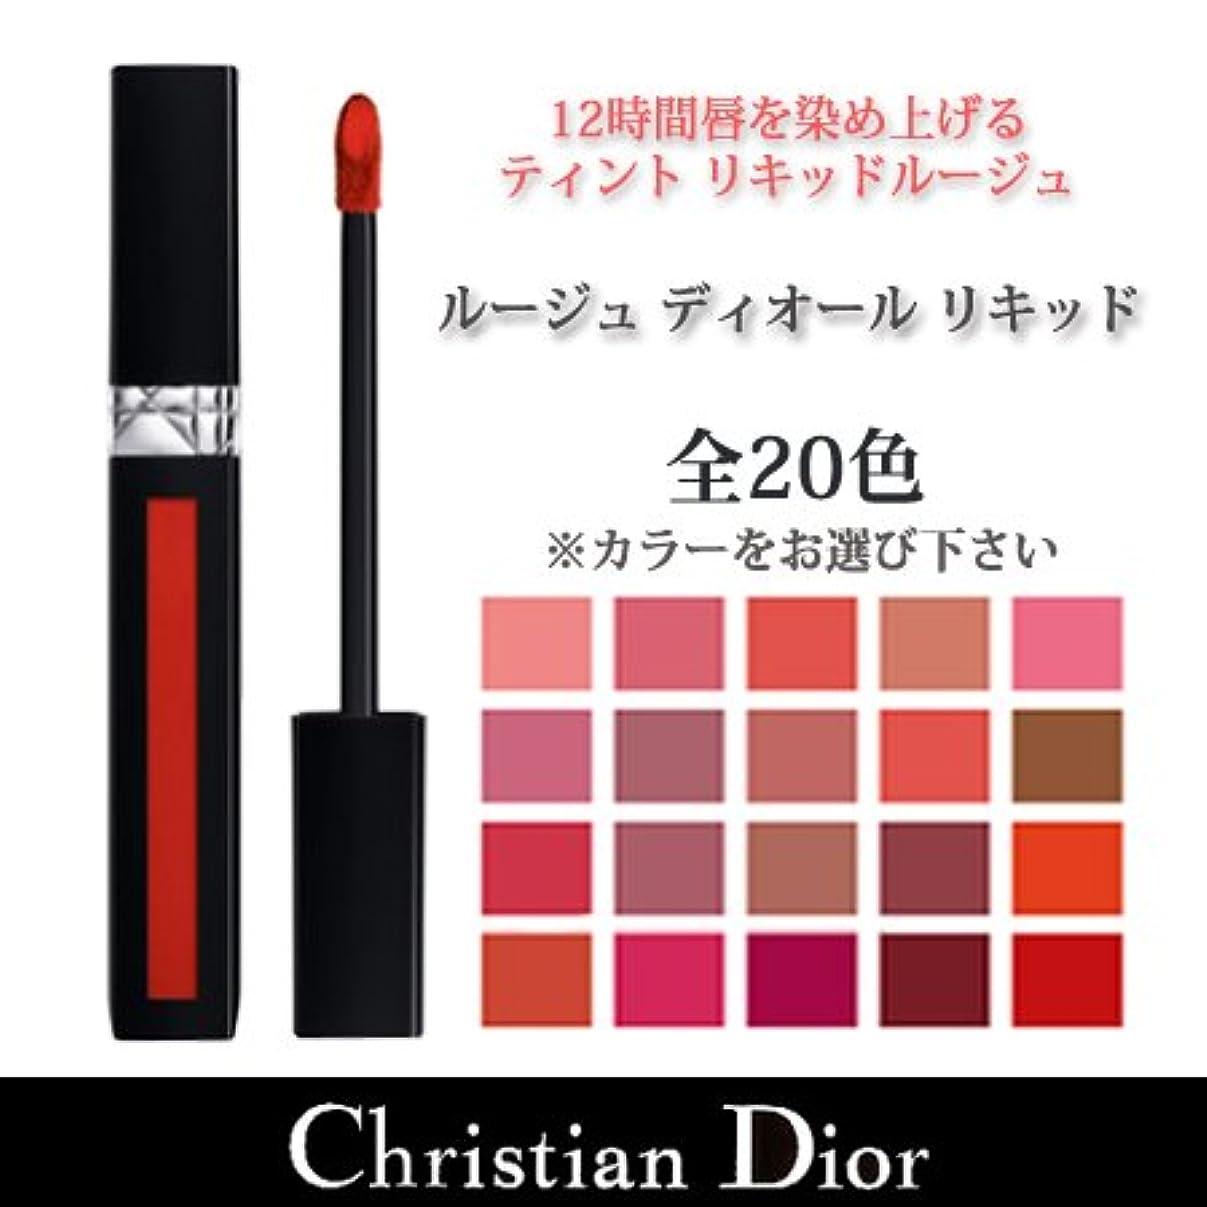 学習飾る余剰ディオール ルージュ ディオール リキッド 全20色 -Dior- 272